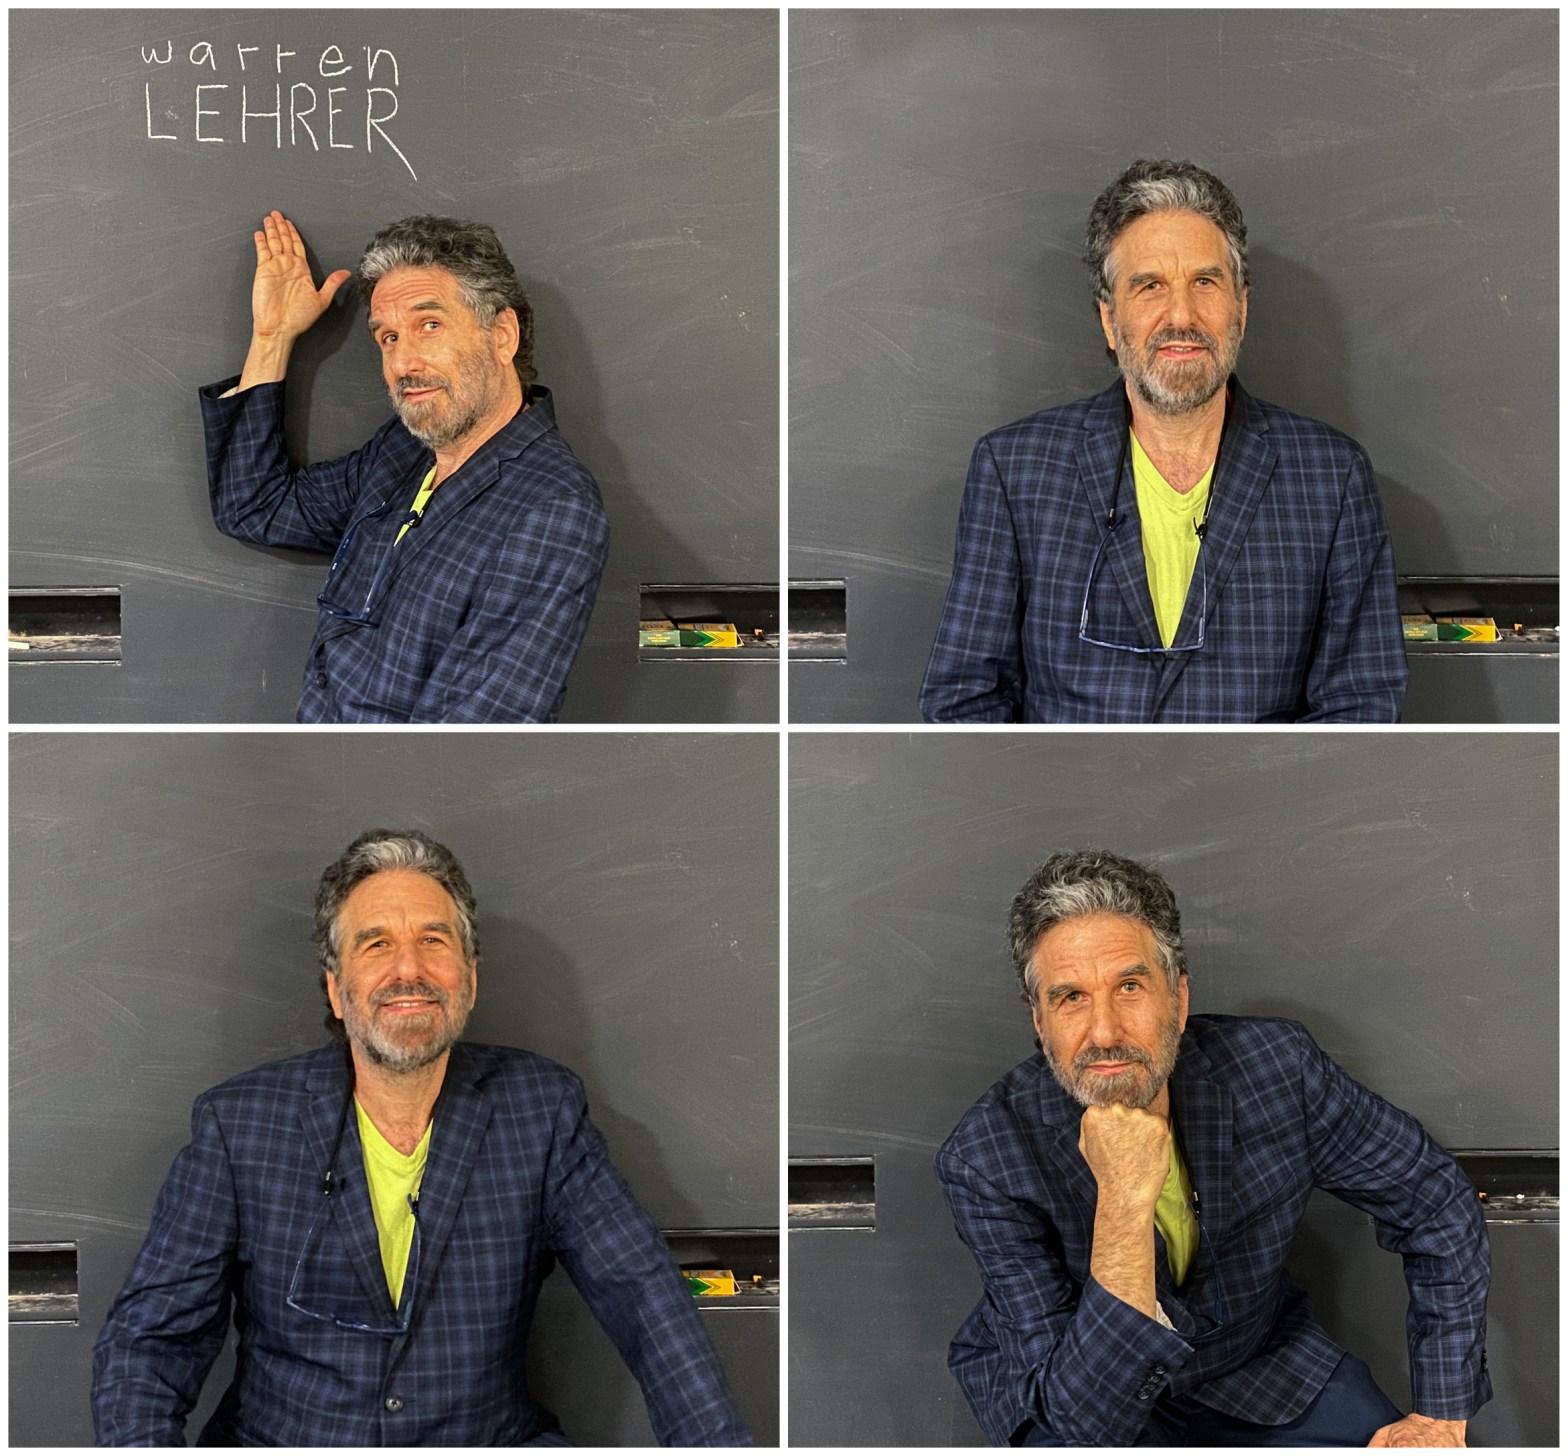 Thumbnail for Warren Lehrer